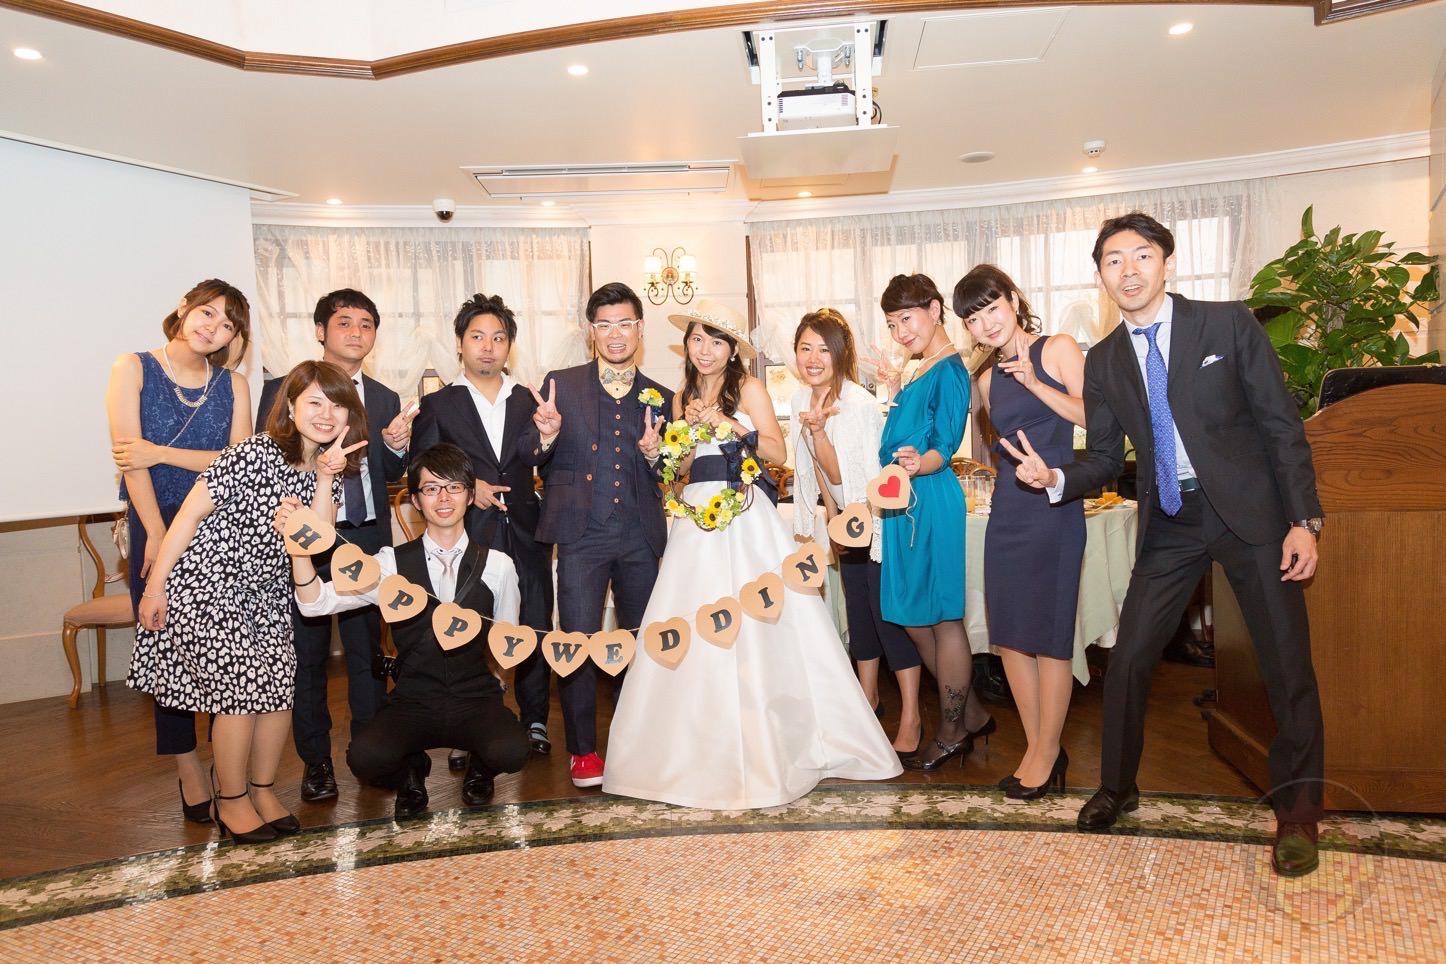 Hanzoya-Wedding-GoriMeYomeMe-182.jpg